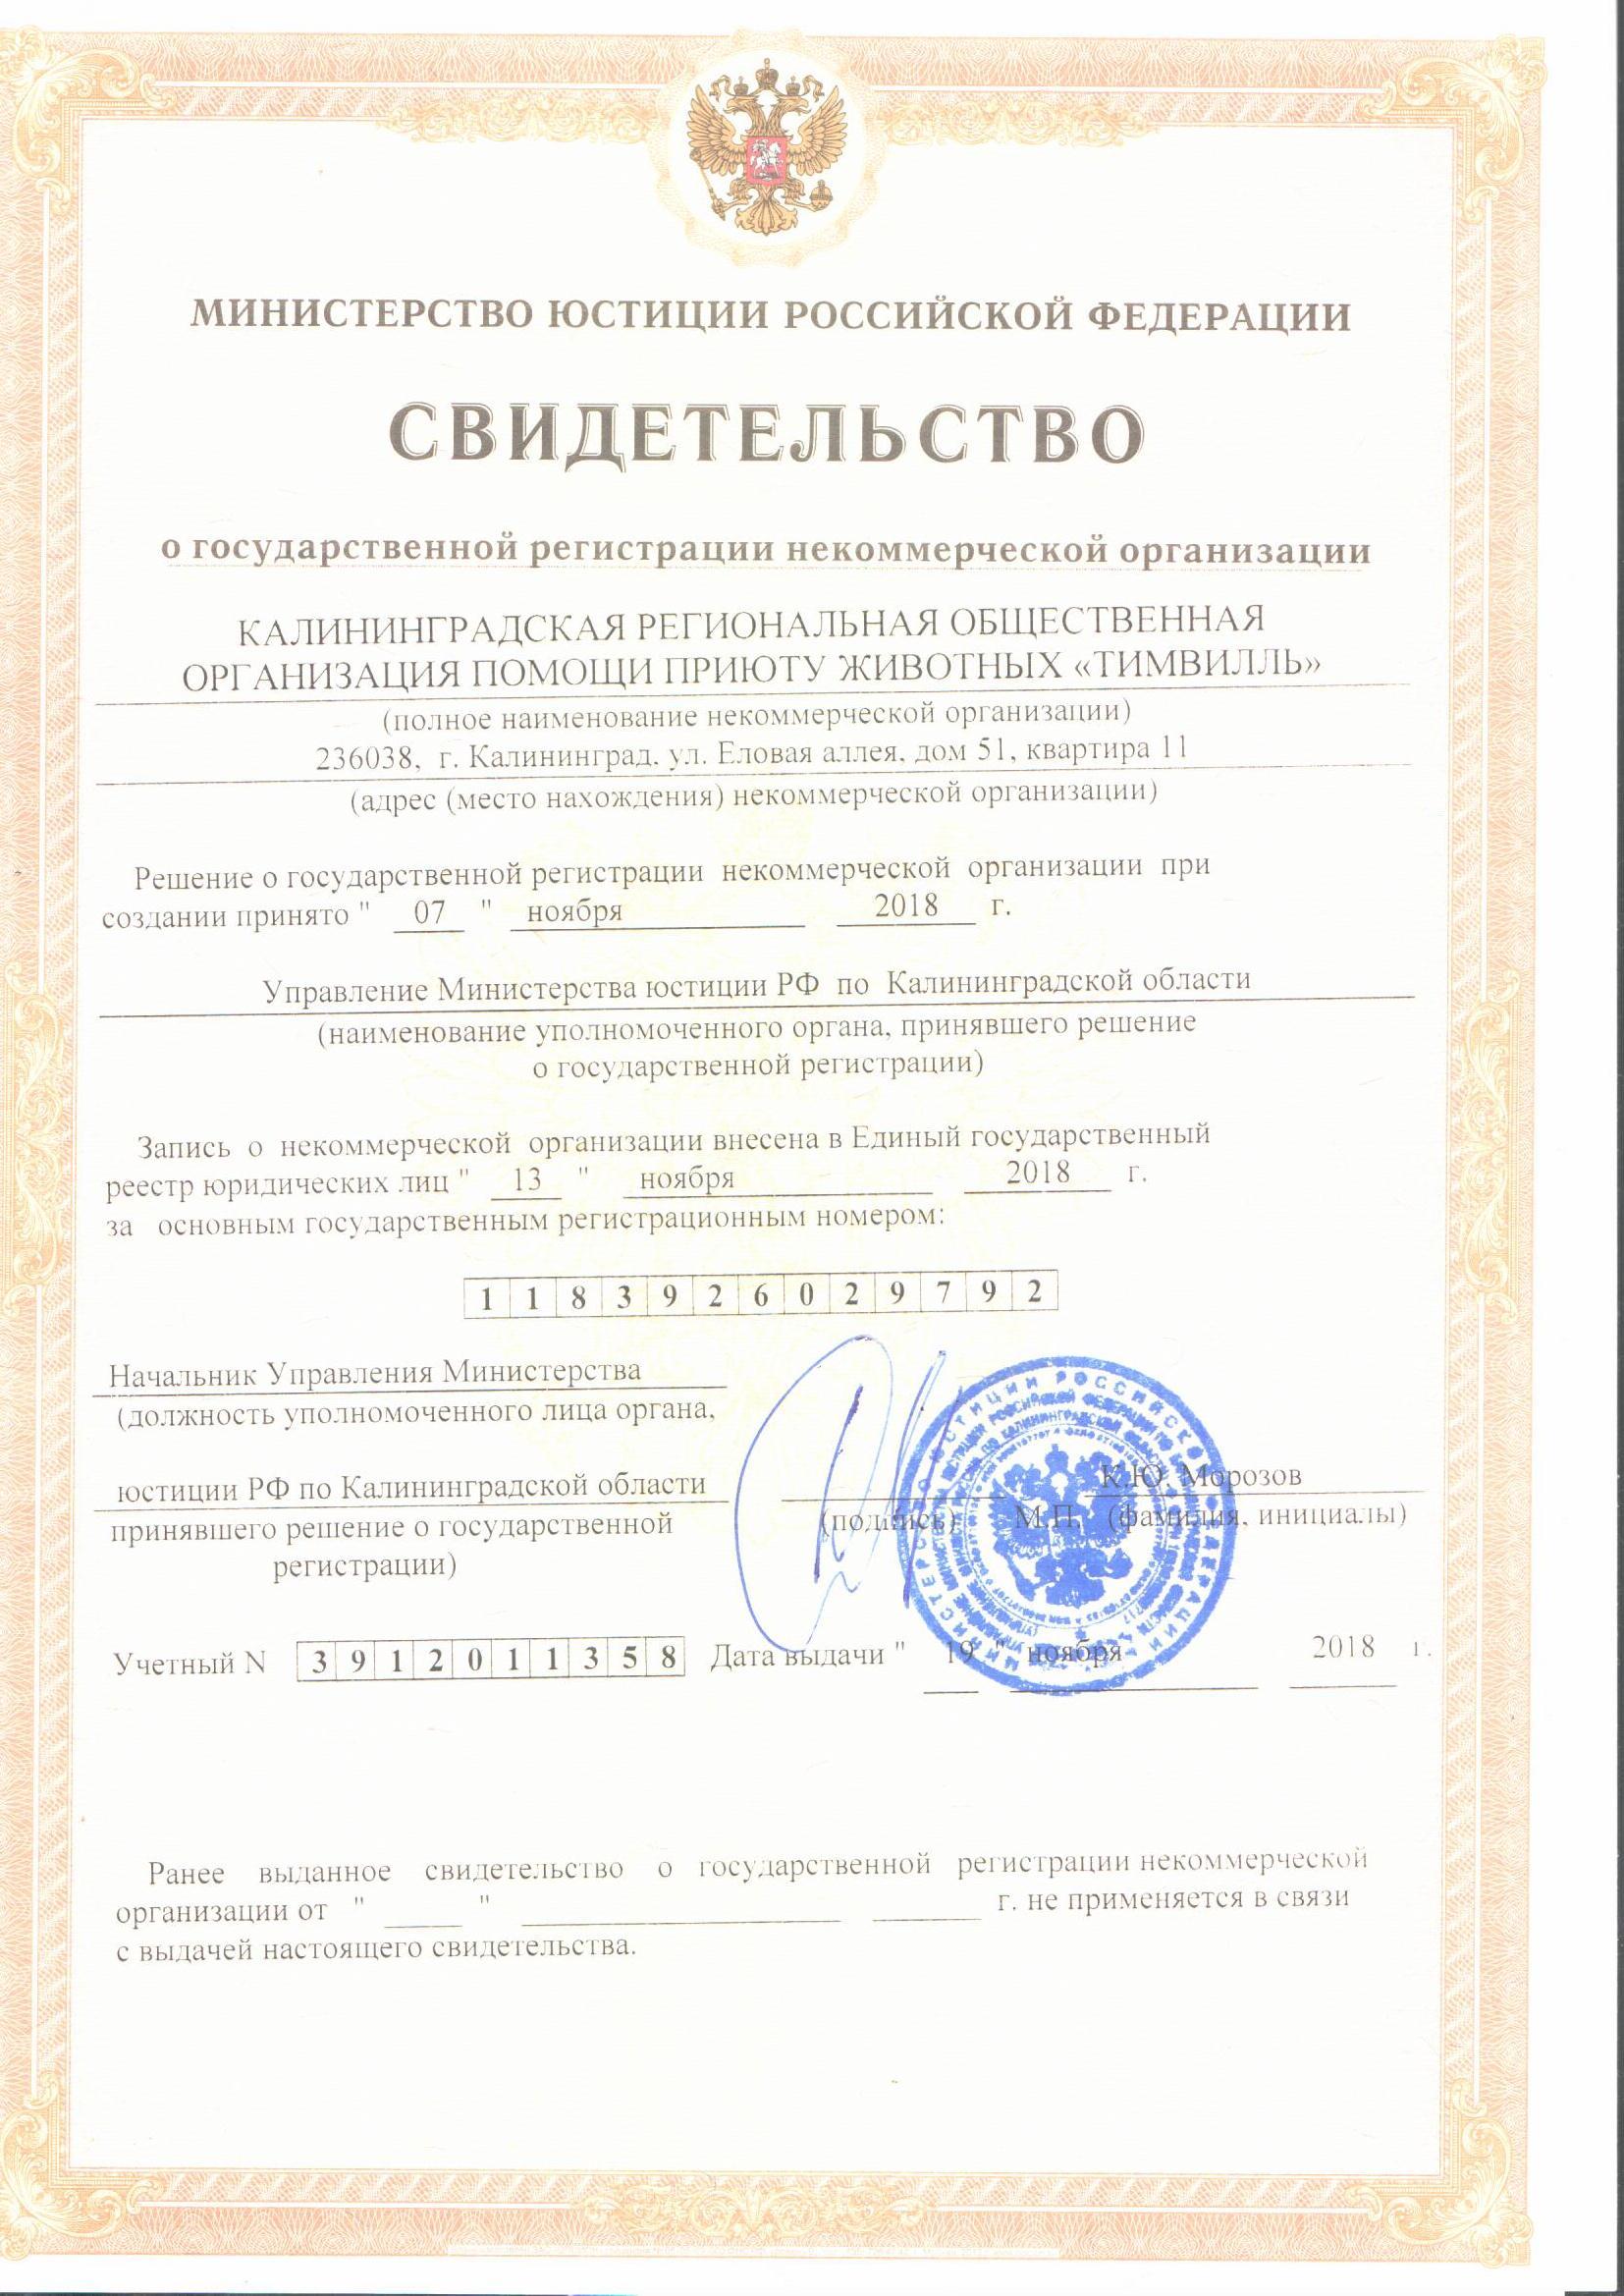 Фотографии документов